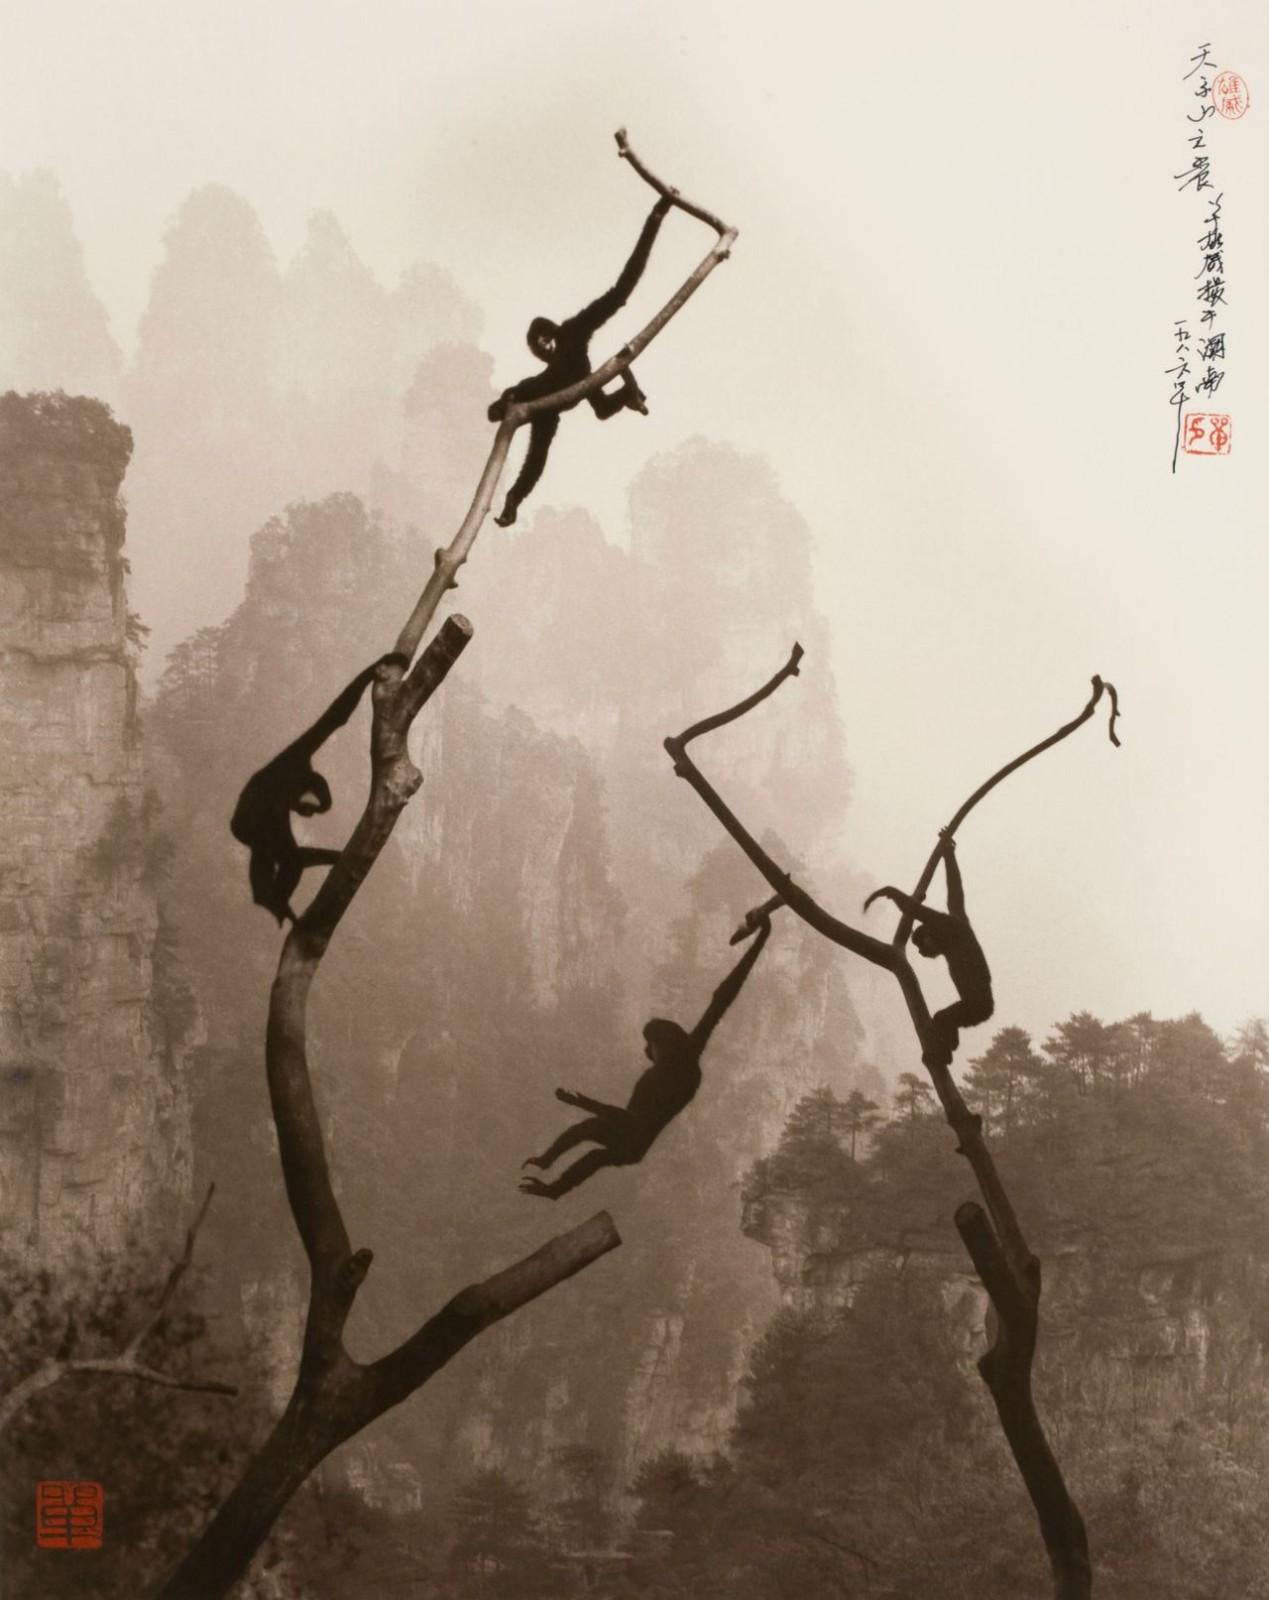 Искусство безмятежности в работах китайского фотографа Дона Хонга